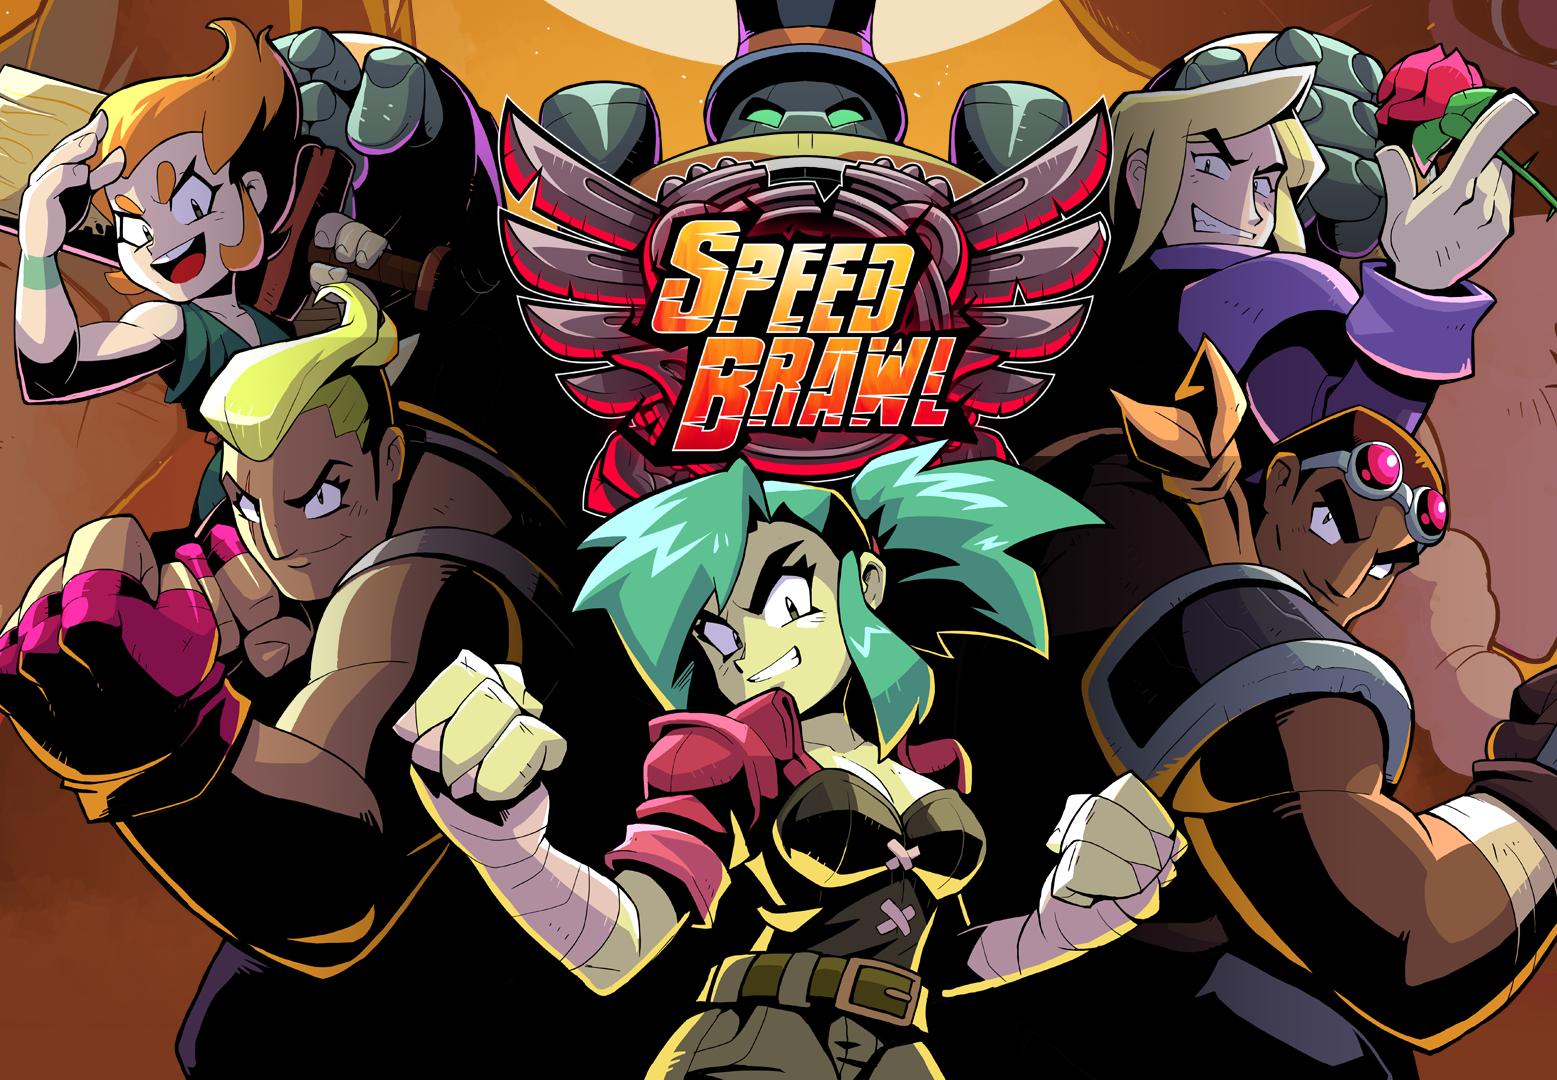 Speed Brawl Clé Steam